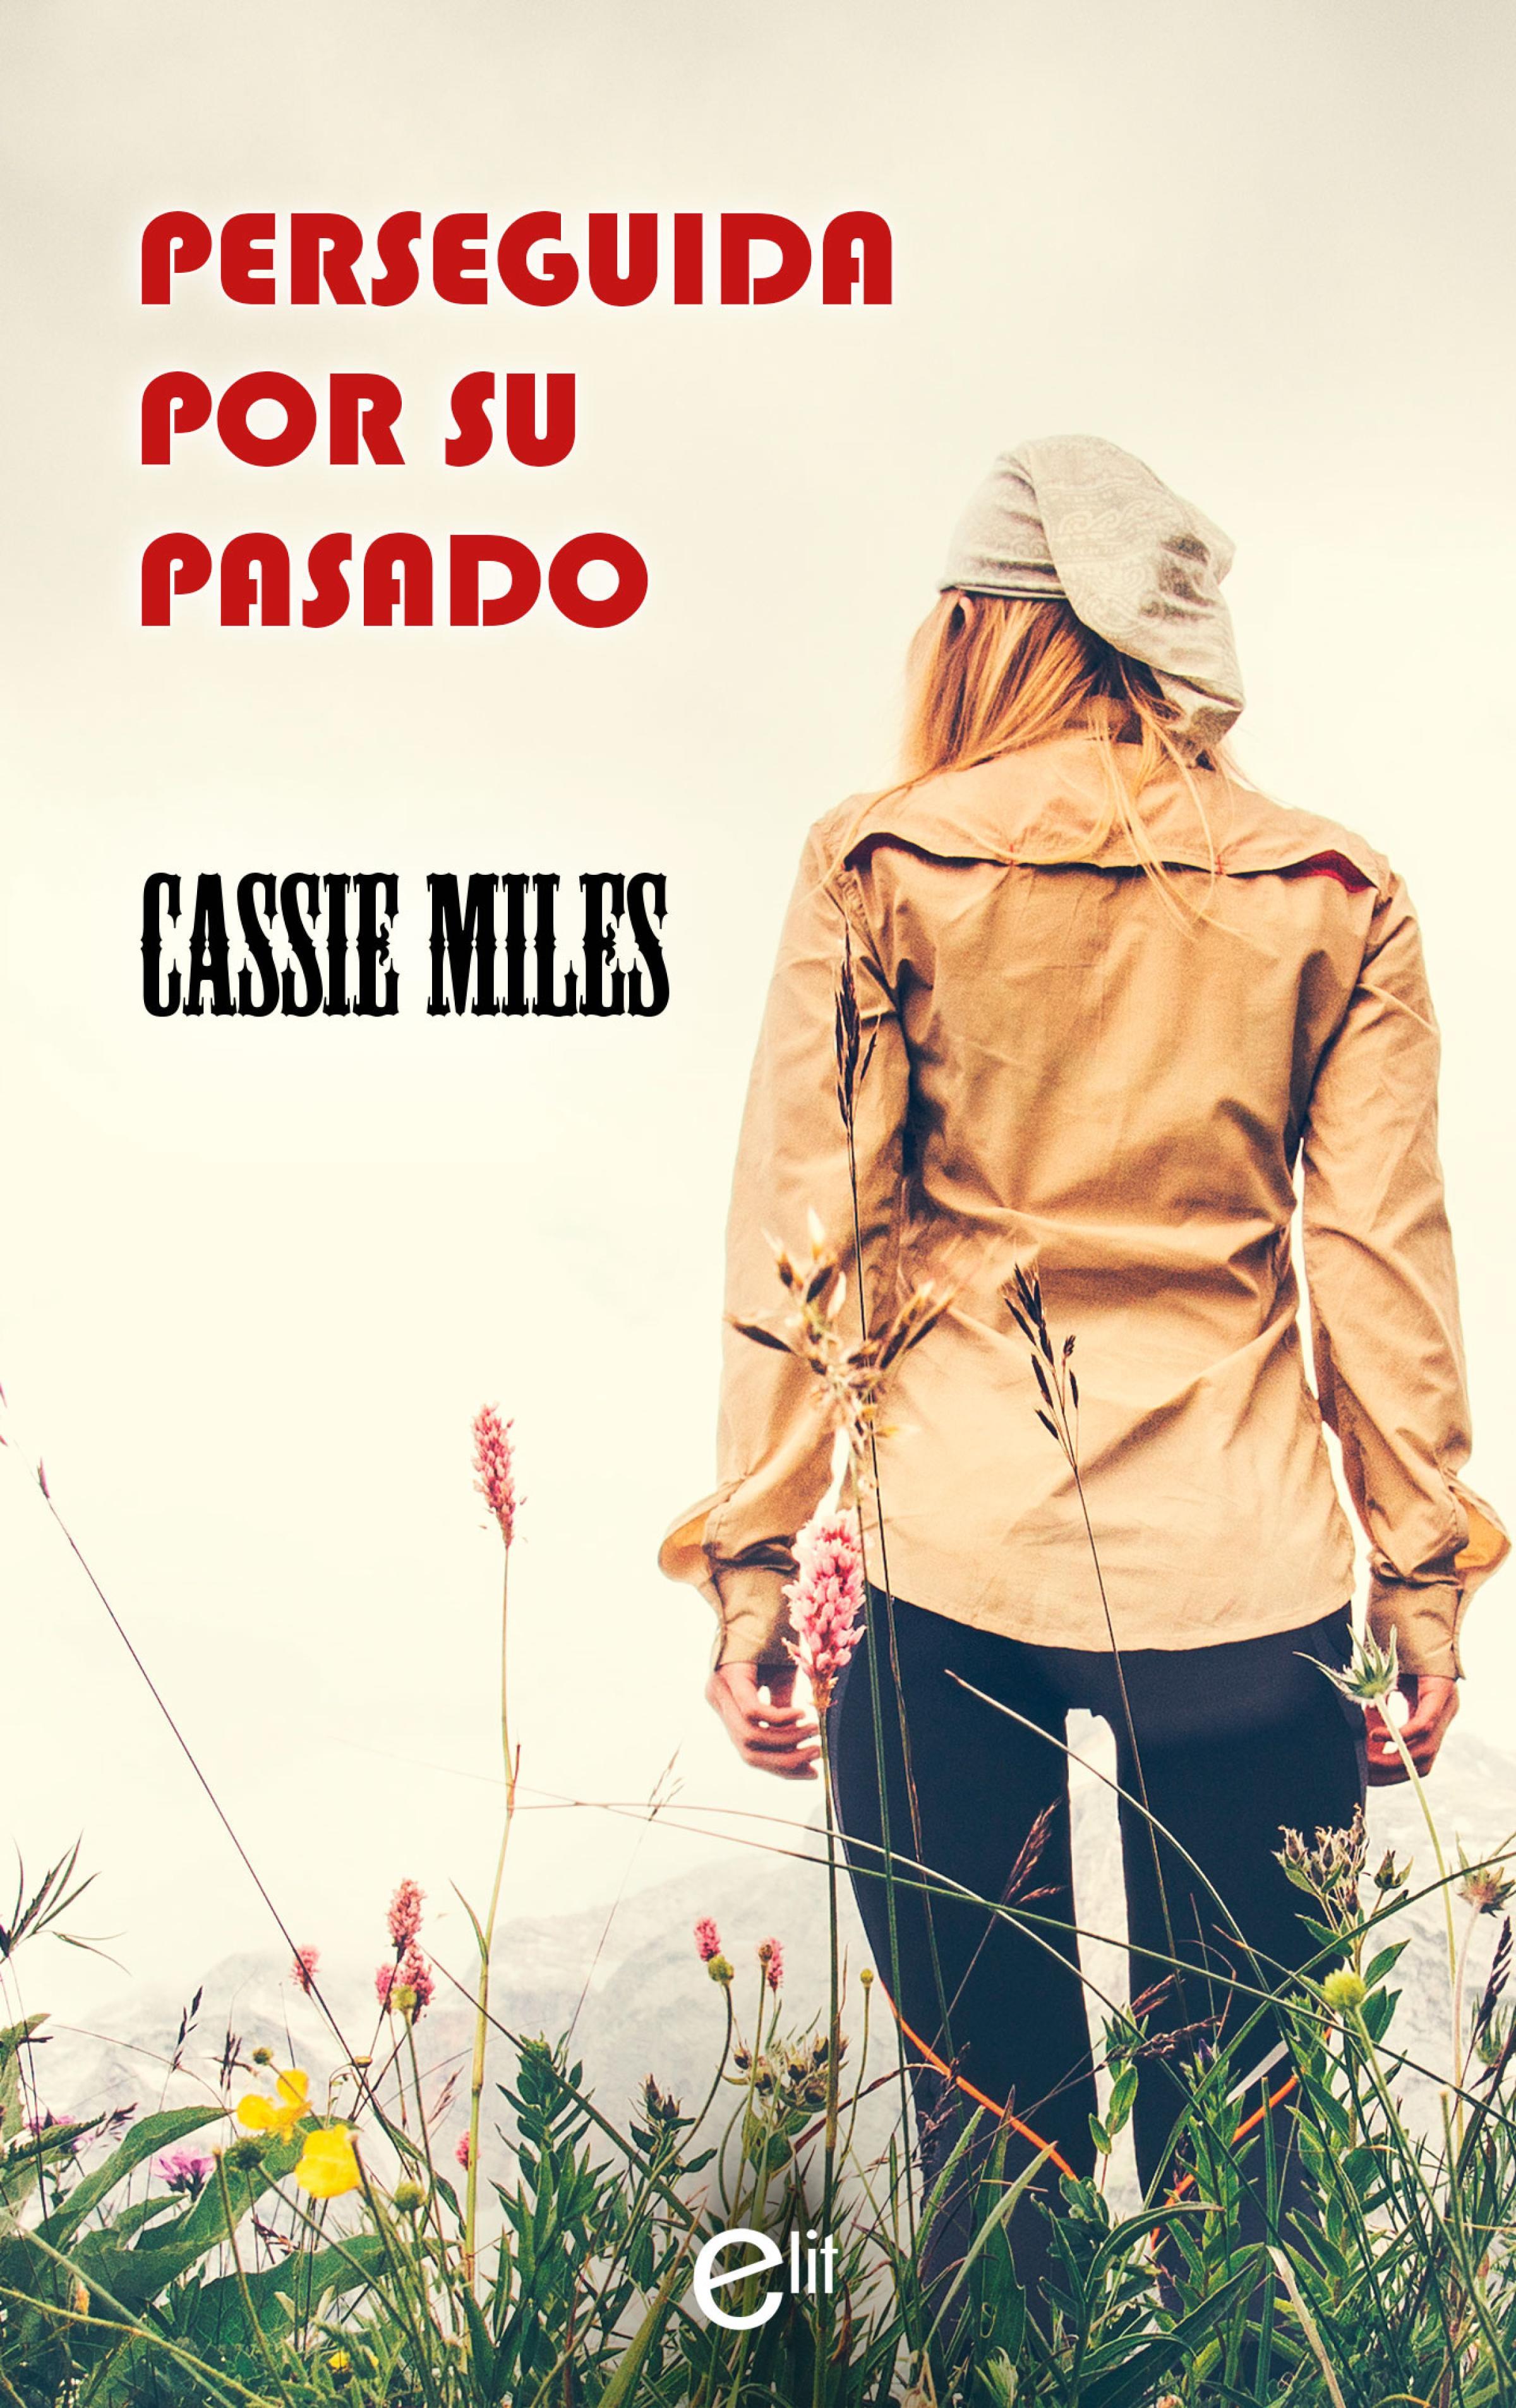 Cassie Miles Perseguida por su pasado cassie miles christmas crime in colorado